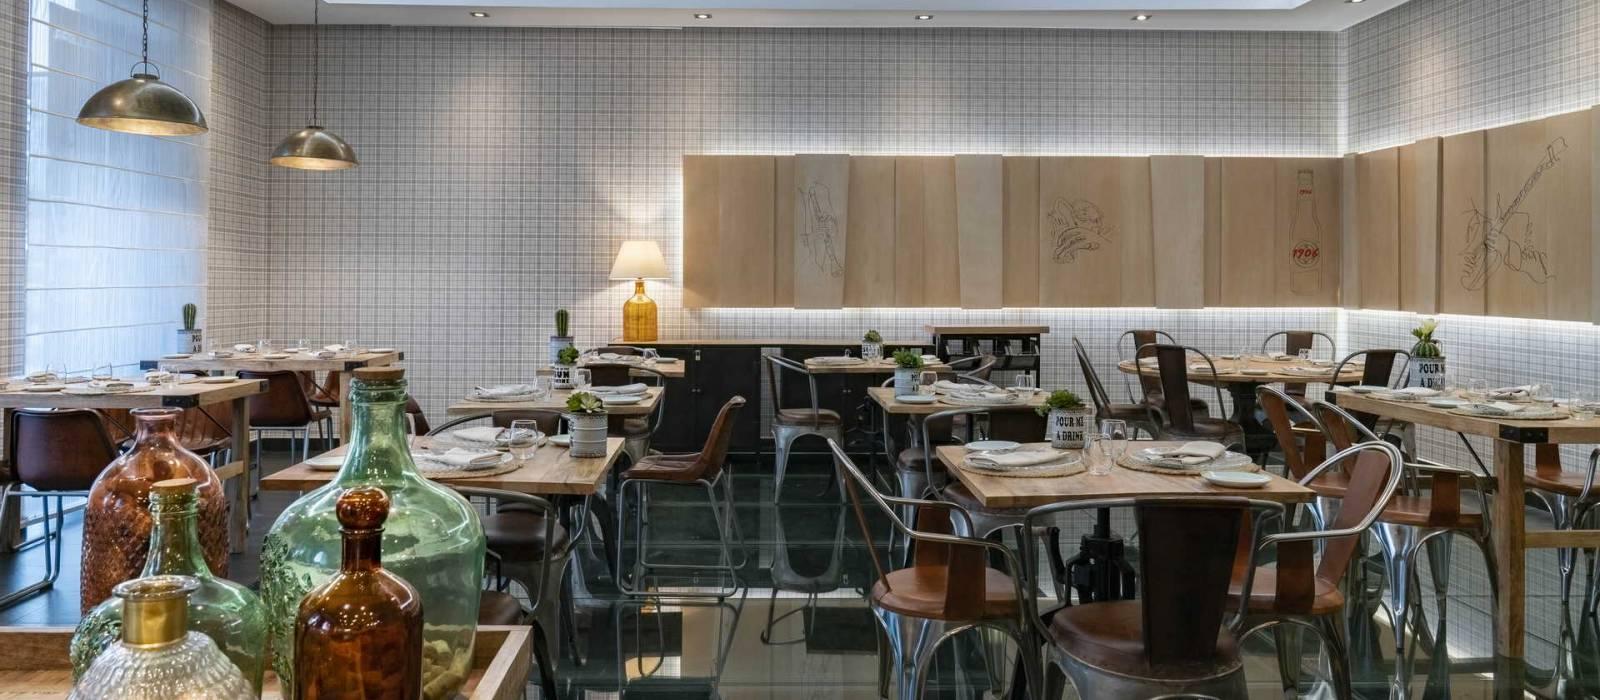 Restaurant Le Diner - Services Hotel Vincci Málaga Posada del patio